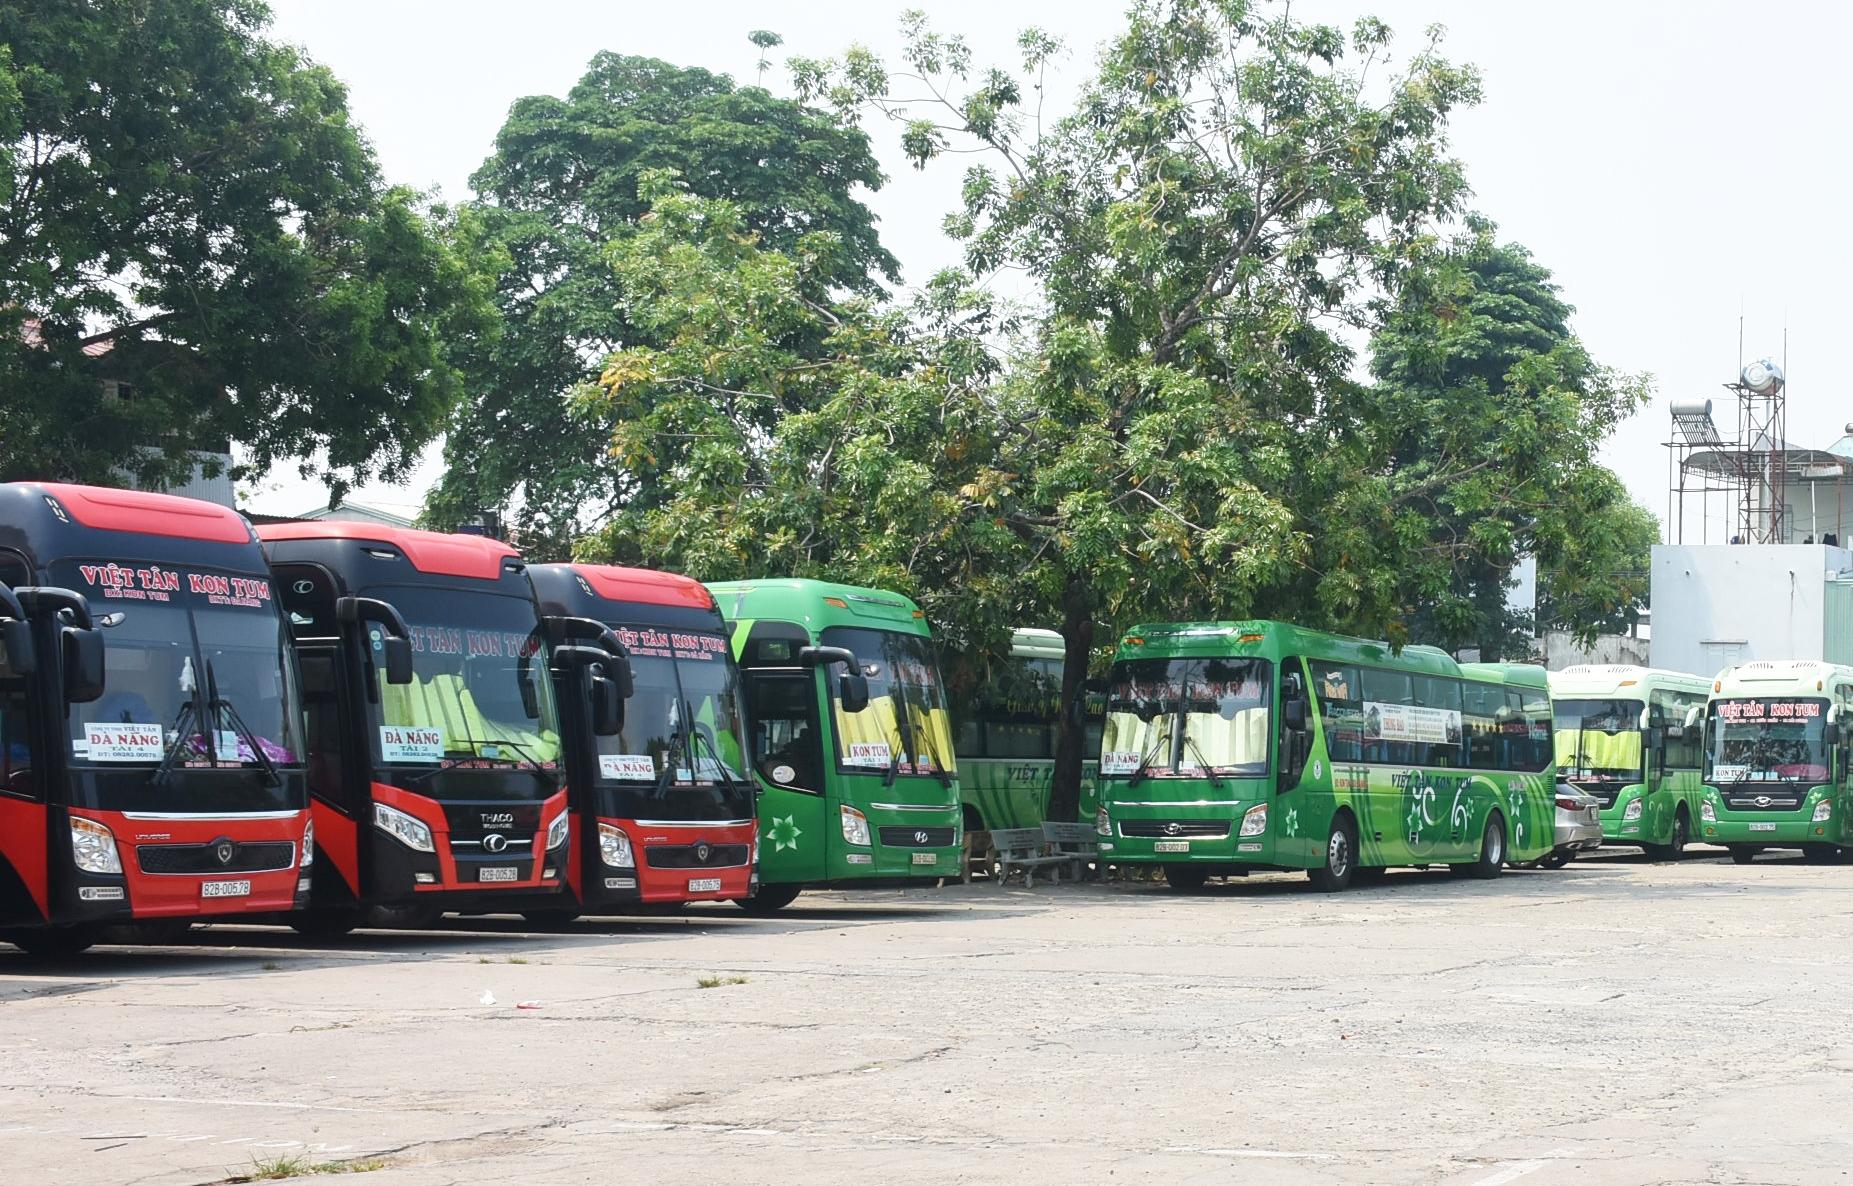 Phú Yên dừng vận chuyển hành khách đường bộ với Đà Nẵng để phòng chống Covid-19 - Ảnh 1.